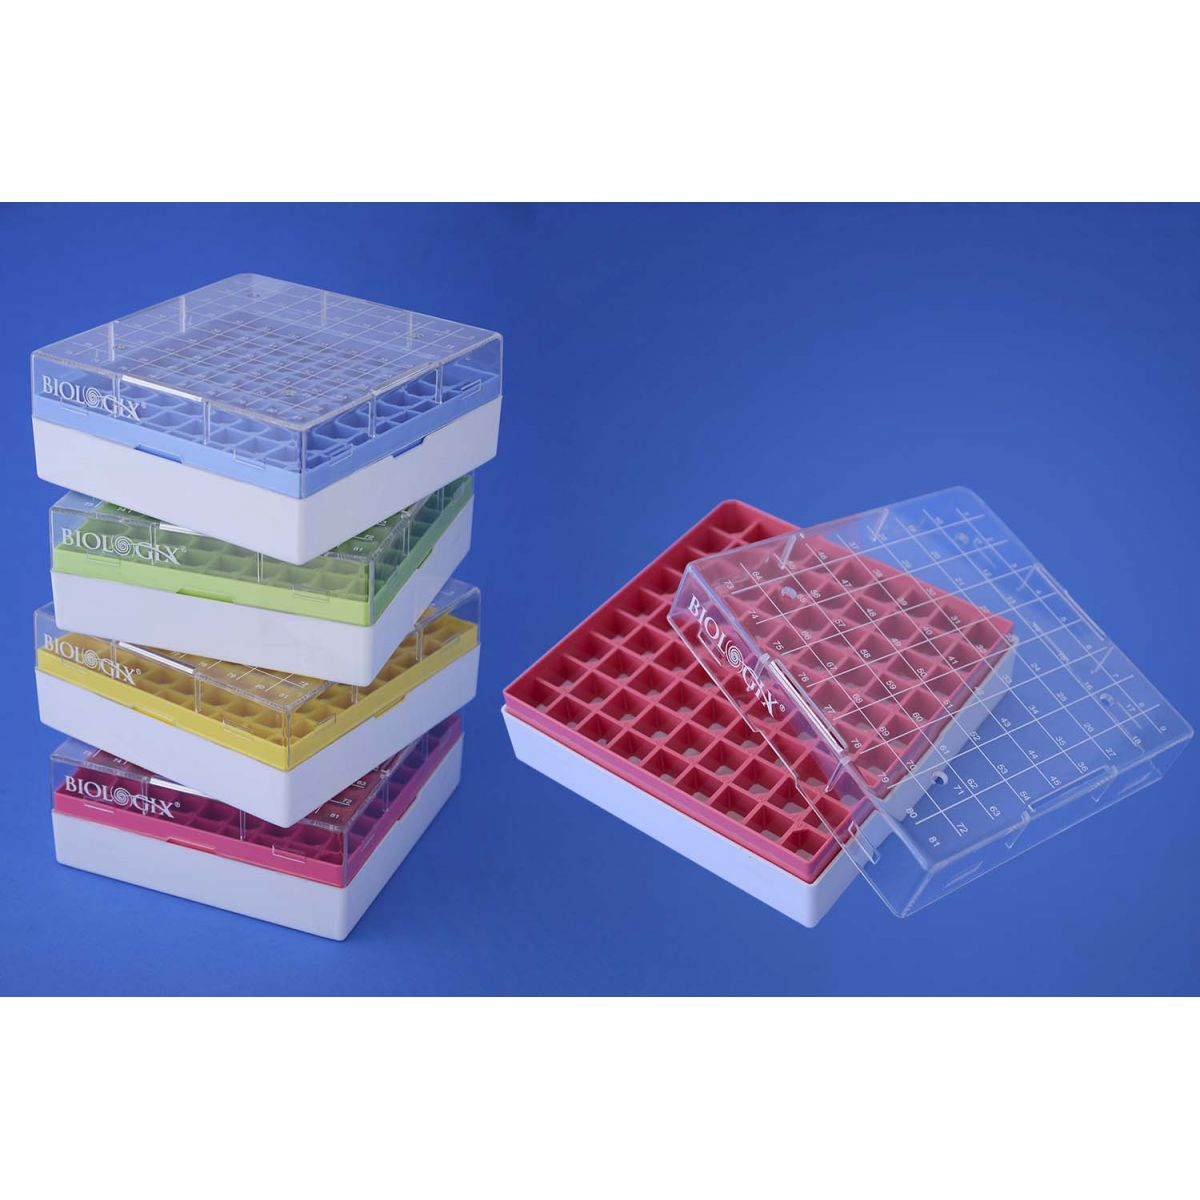 Caixa de policarbonato para Microtubos criogênicos 81 tubos  - loja.laborglas.com.br